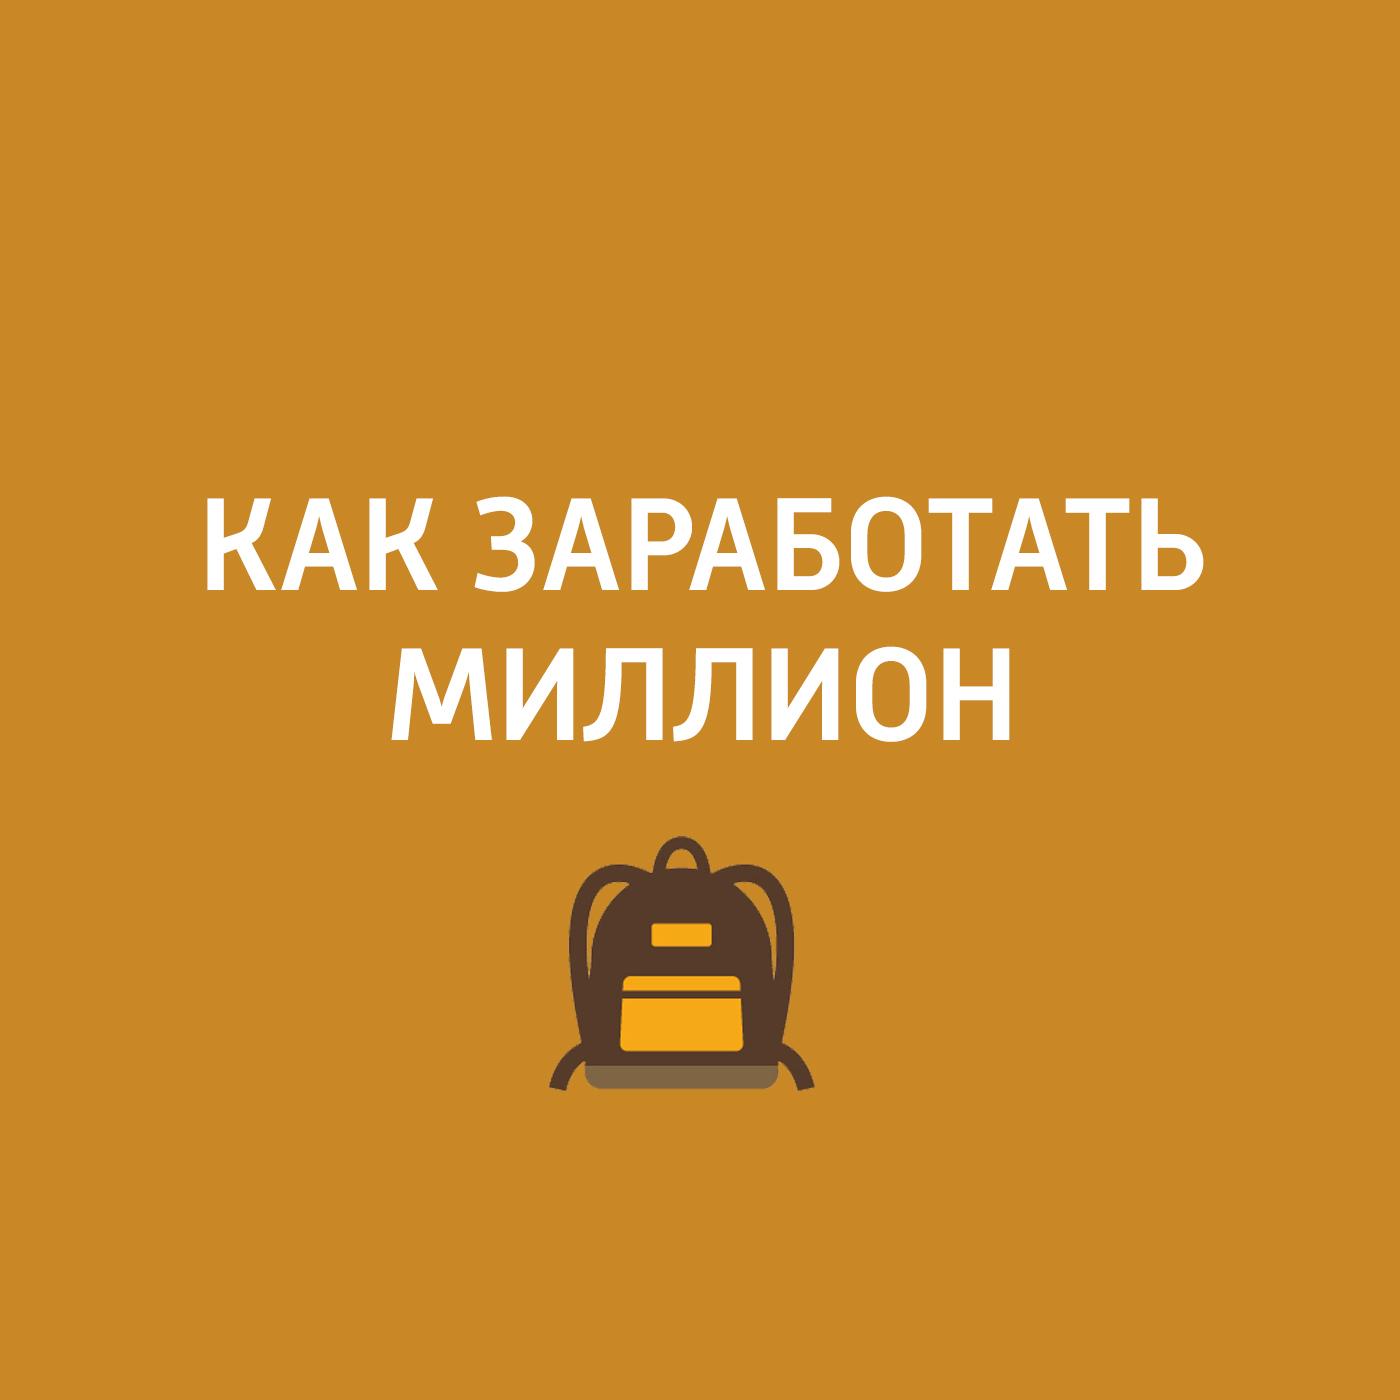 Творческий коллектив шоу «Сергей Стиллавин и его друзья» Happystation.ru